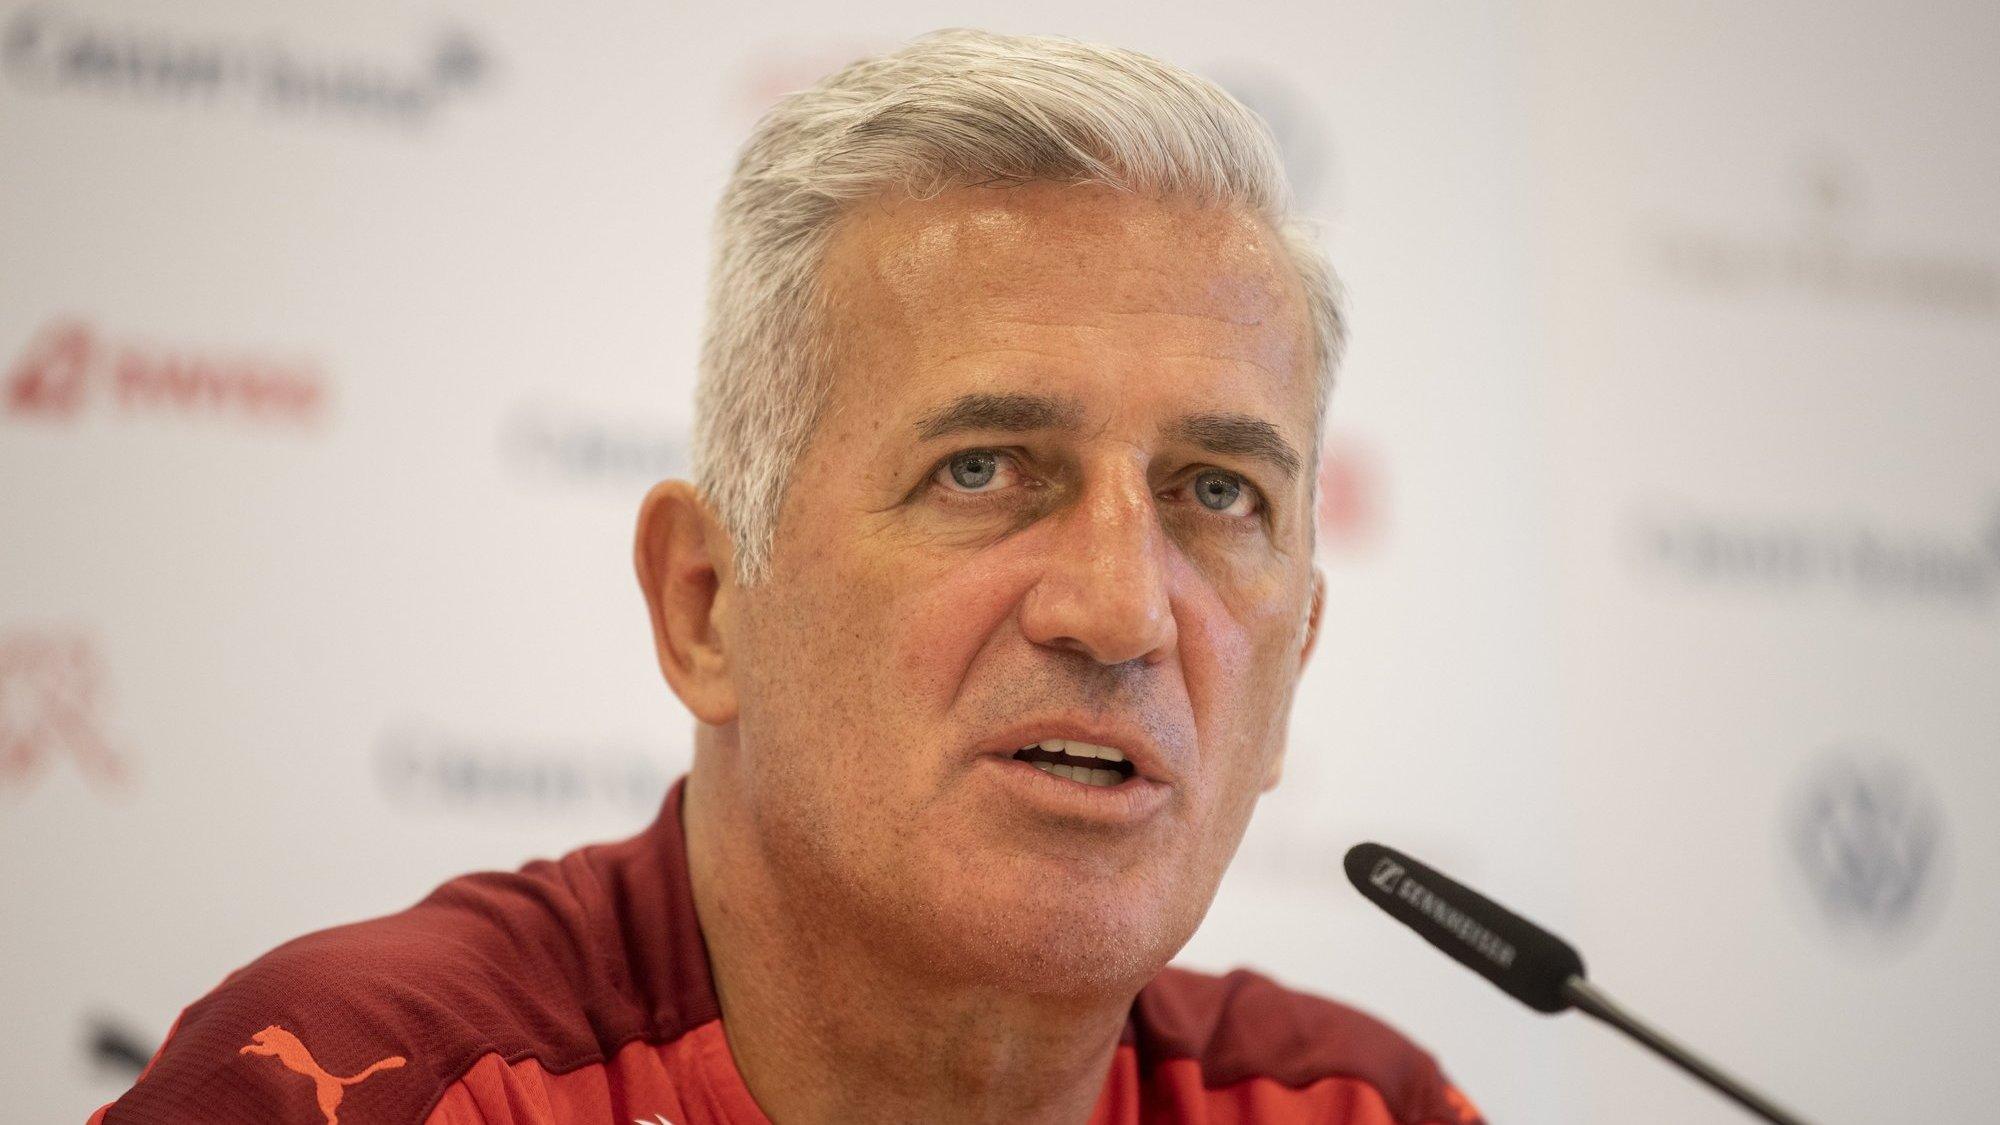 Vladimir Petkovic s'exprime en conférence de presse après l'élimination de la Suisse en quarts de finale de l'Euro contre l'Espagne.